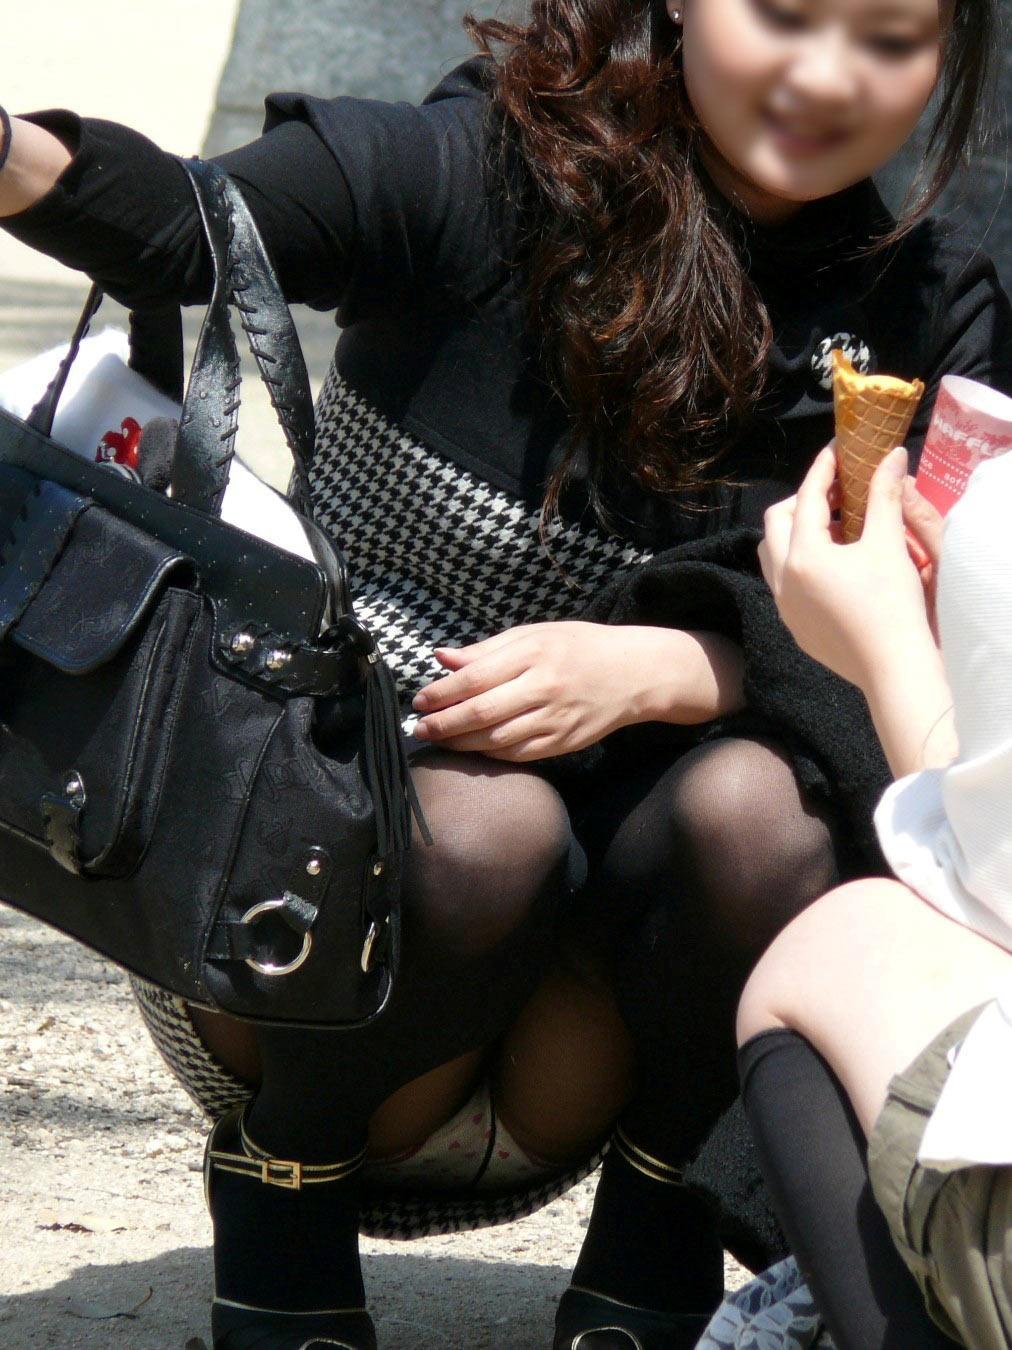 【パンチラエロ画像】地べたも気にせず座る若者ならば下着も当然の如く丸見えwww 02